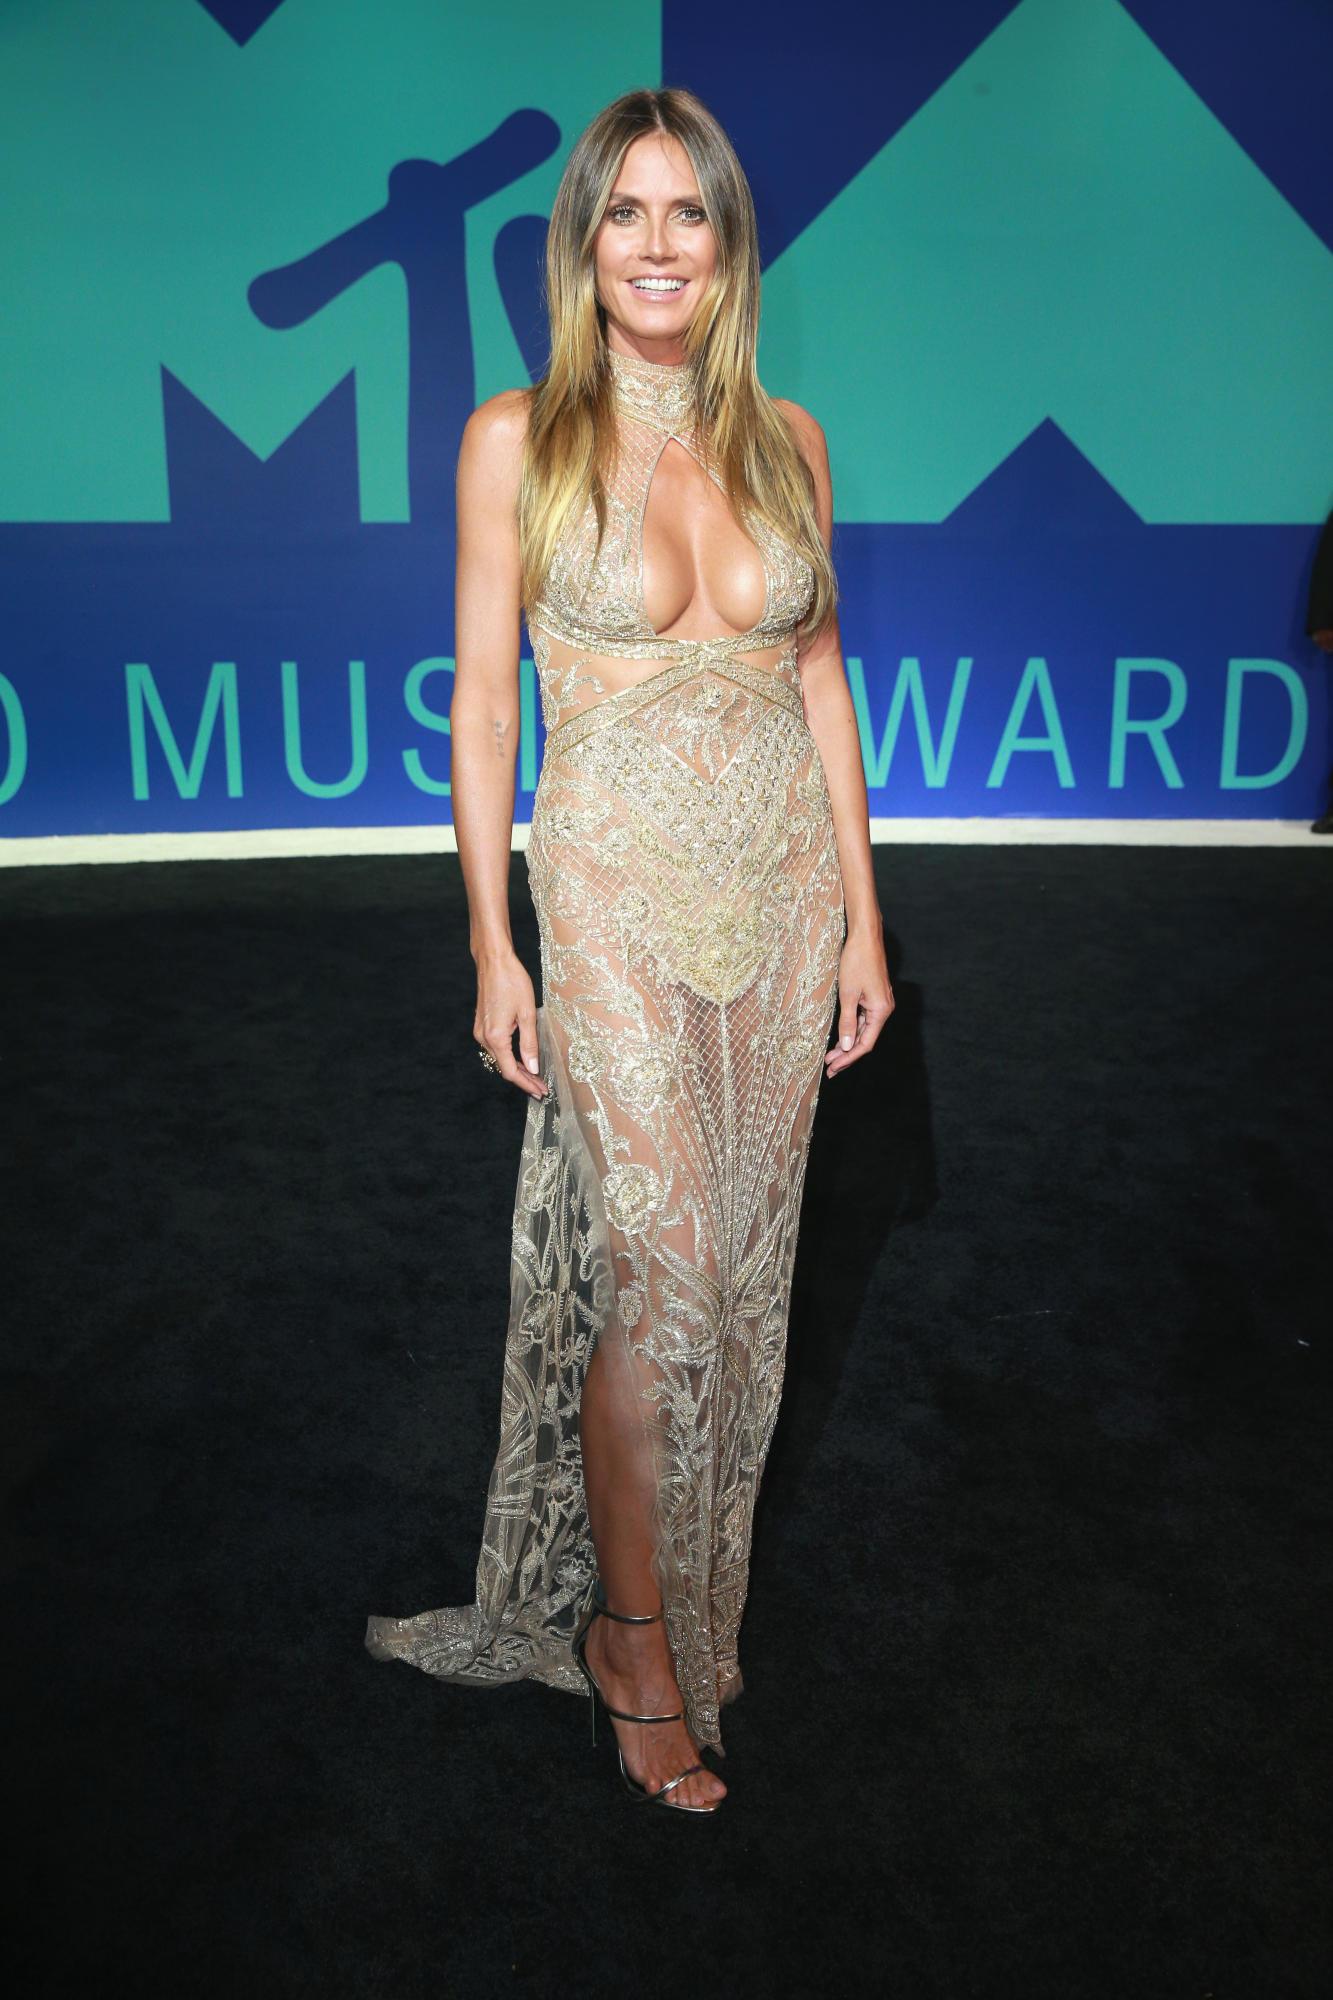 Bà mẹ 4 con Heidi Klum vẫn rạng ngời vẻ gợi cảm ở tuổi 44 trong thiết kế của Peter Dundas (cựu Giám đốc Sáng tạo của Emilio Pucci và Roberto Cavalli)